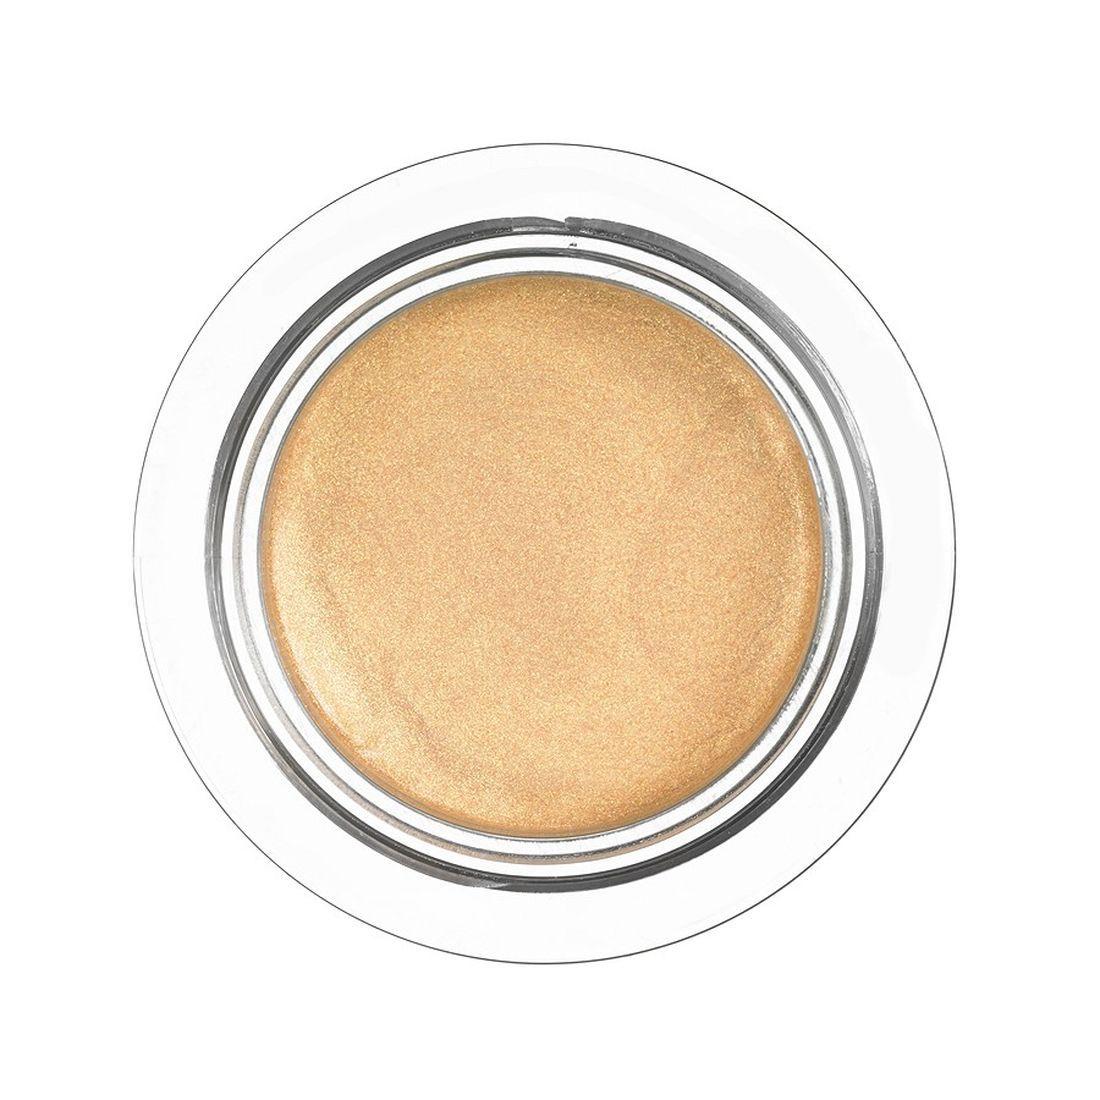 Smudge Pot Cream Eyeshadow Cream eyeshadow, Eyeshadow